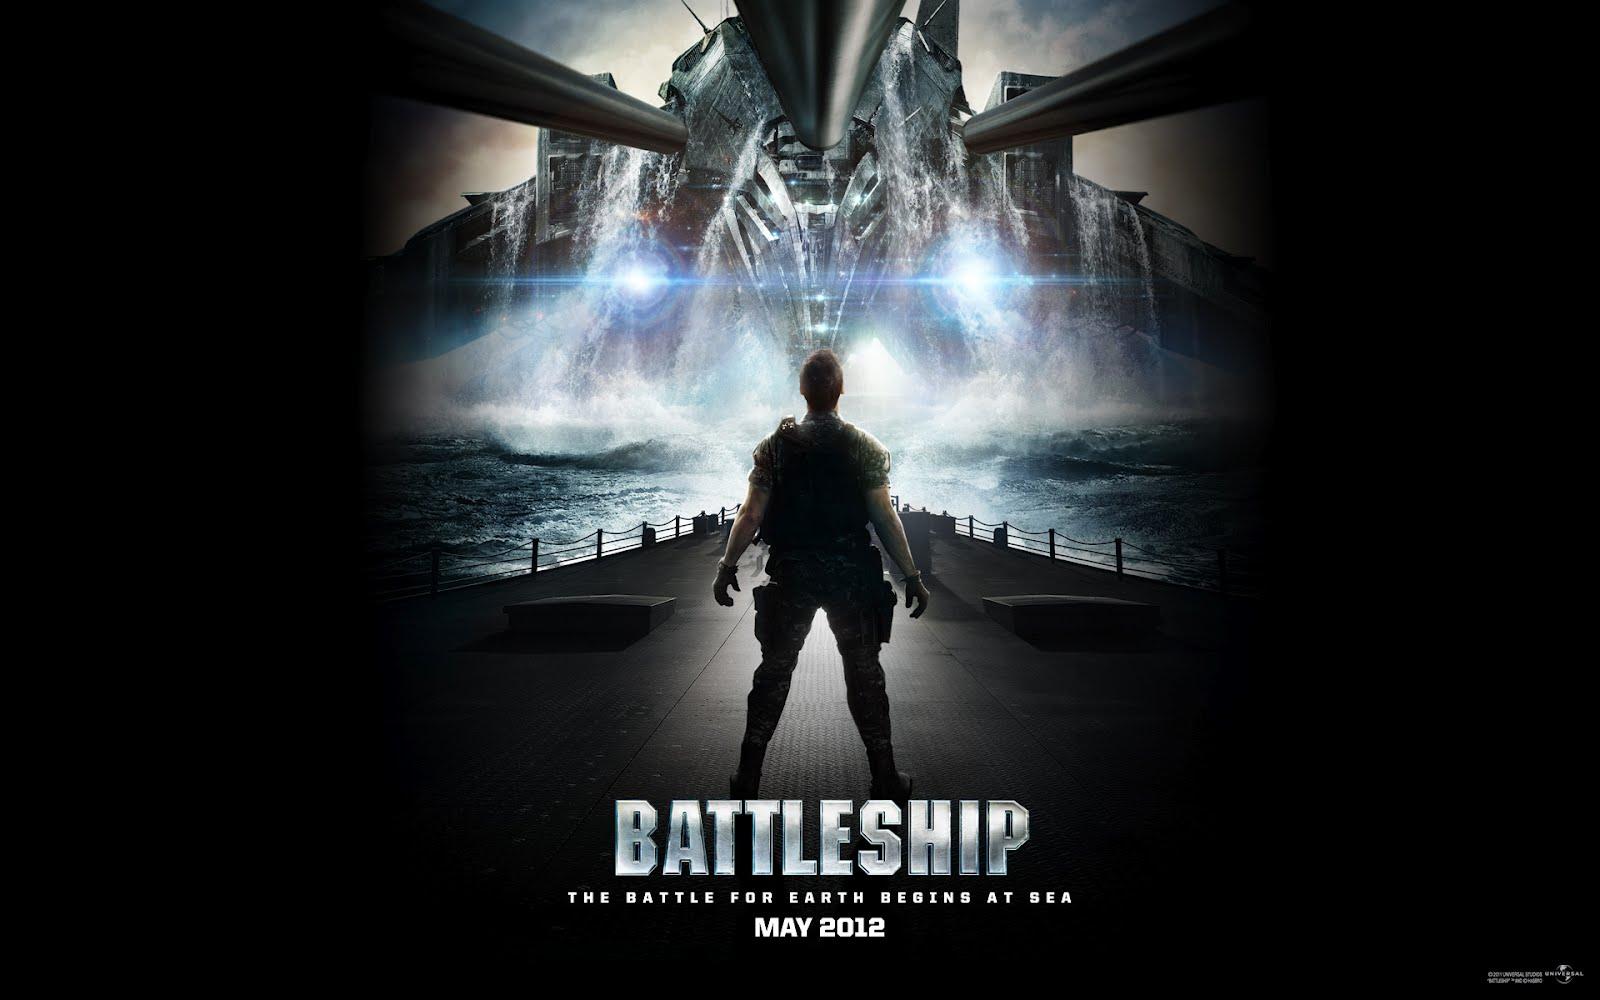 http://2.bp.blogspot.com/-_79qQoOJfho/T8NHCD70NLI/AAAAAAAAAi8/E893r0ud7m0/s1600/battleship_3_1920.jpg